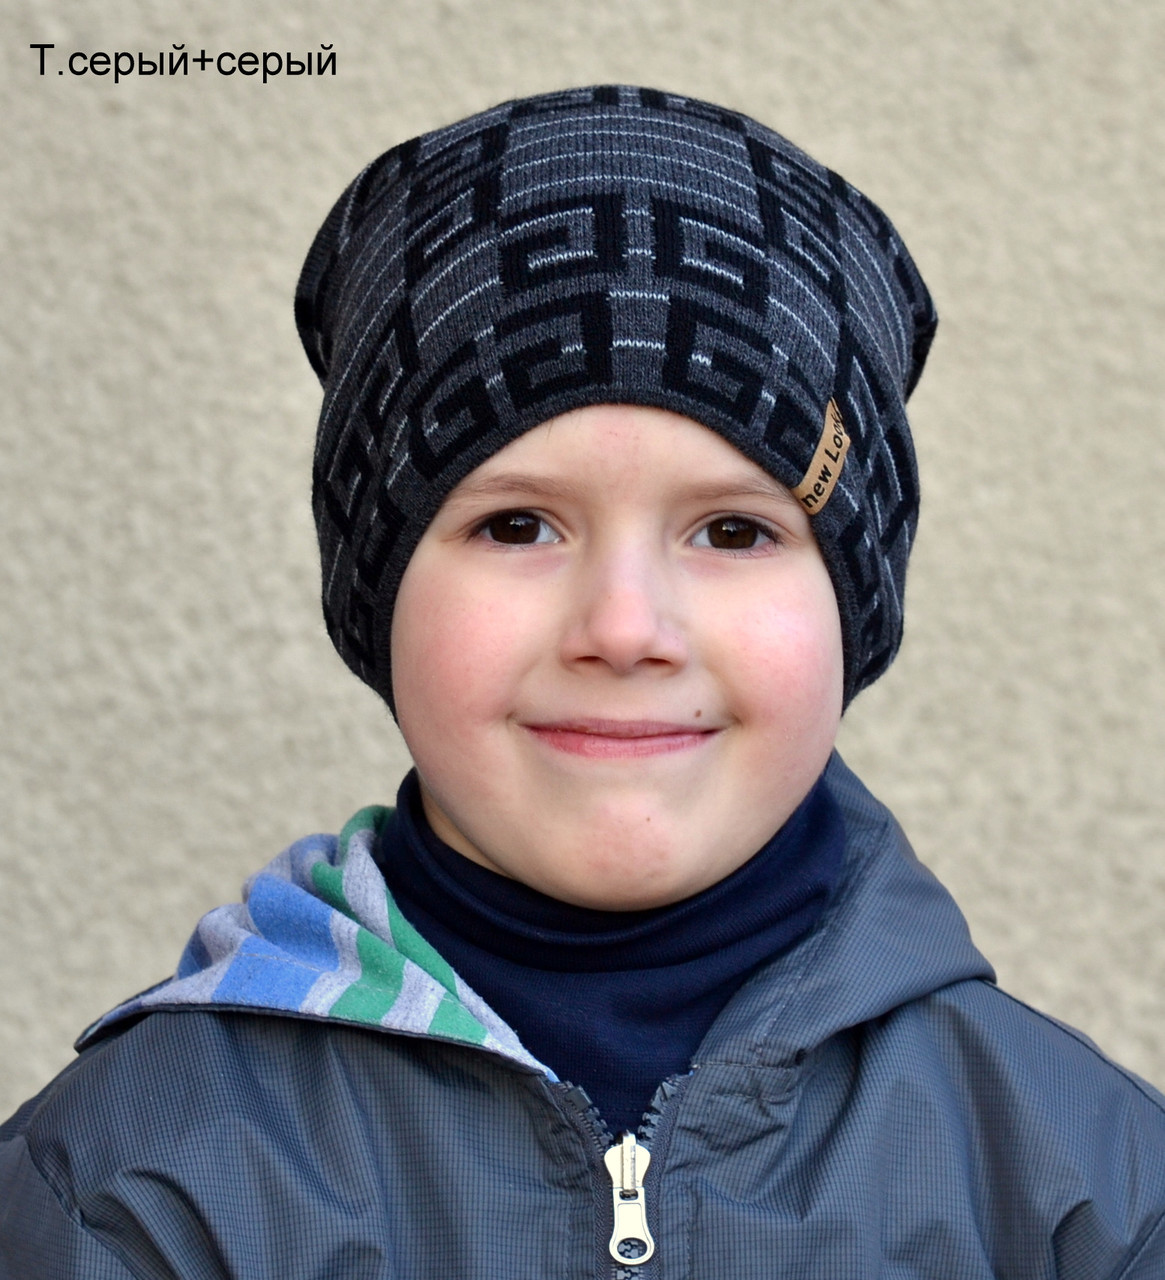 Яркая детская шапка для детей Темно-серый + серый